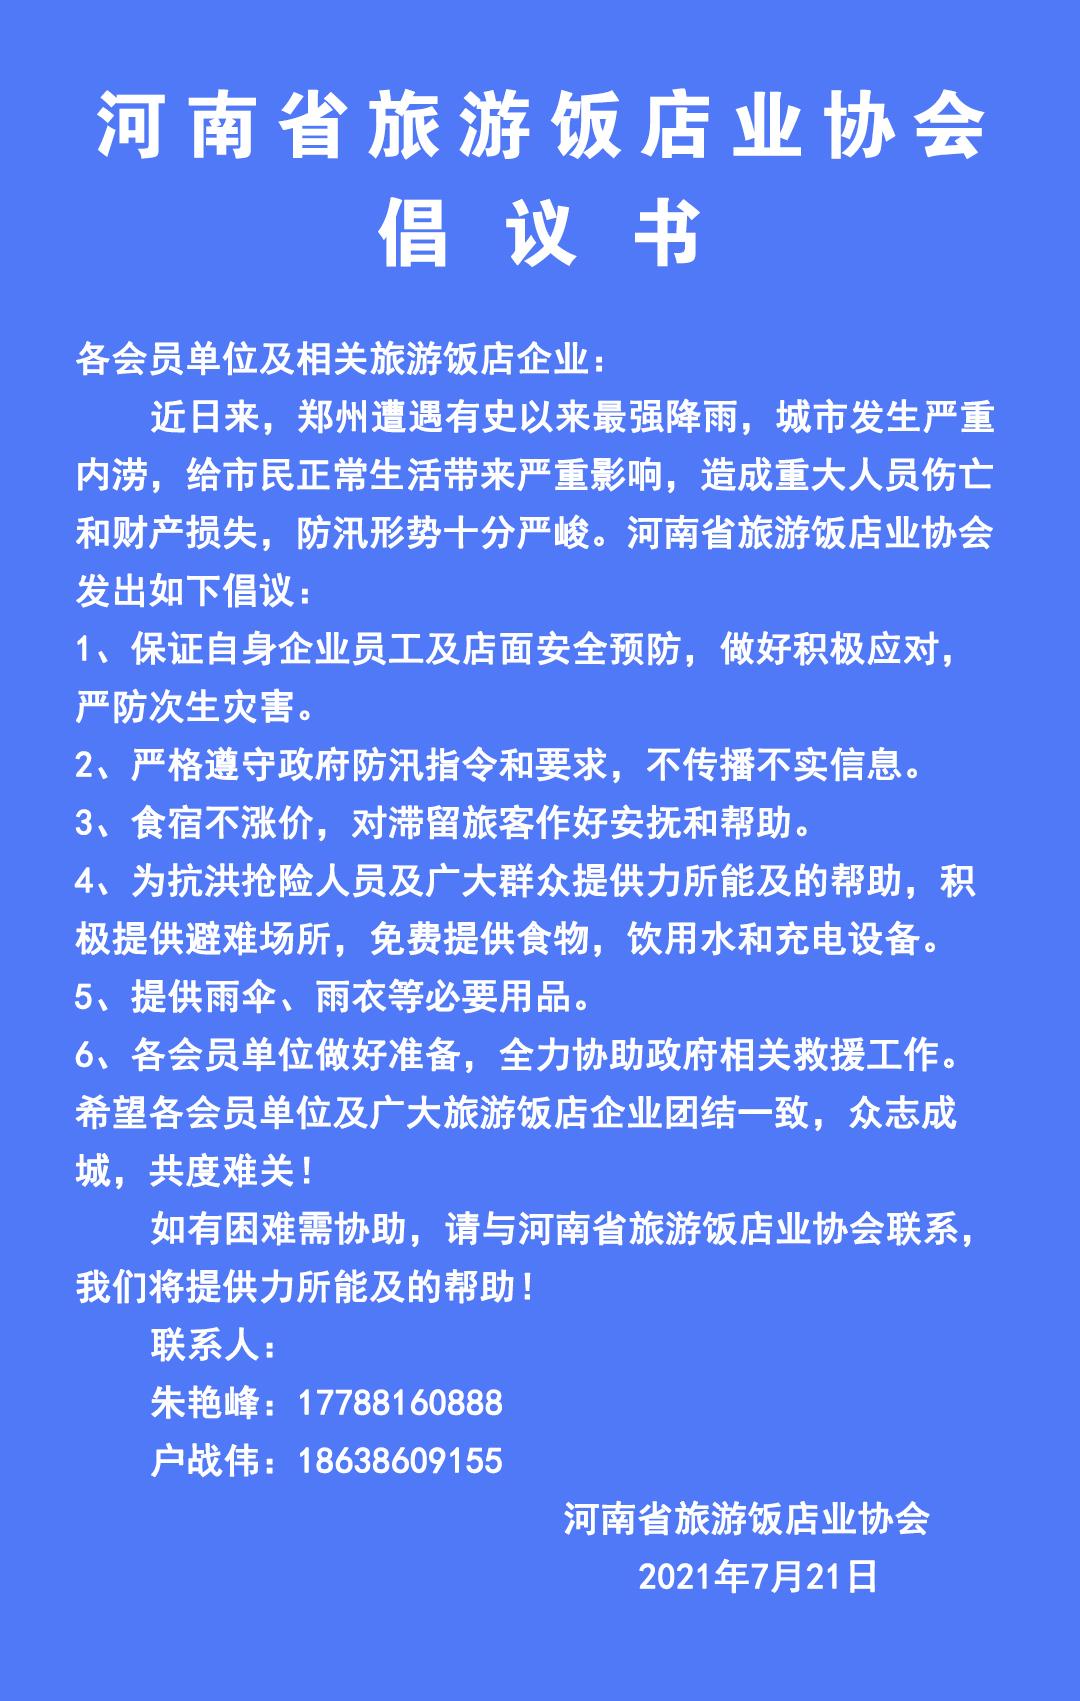 应对汛情 河南省旅游饭店业协会发布倡议书